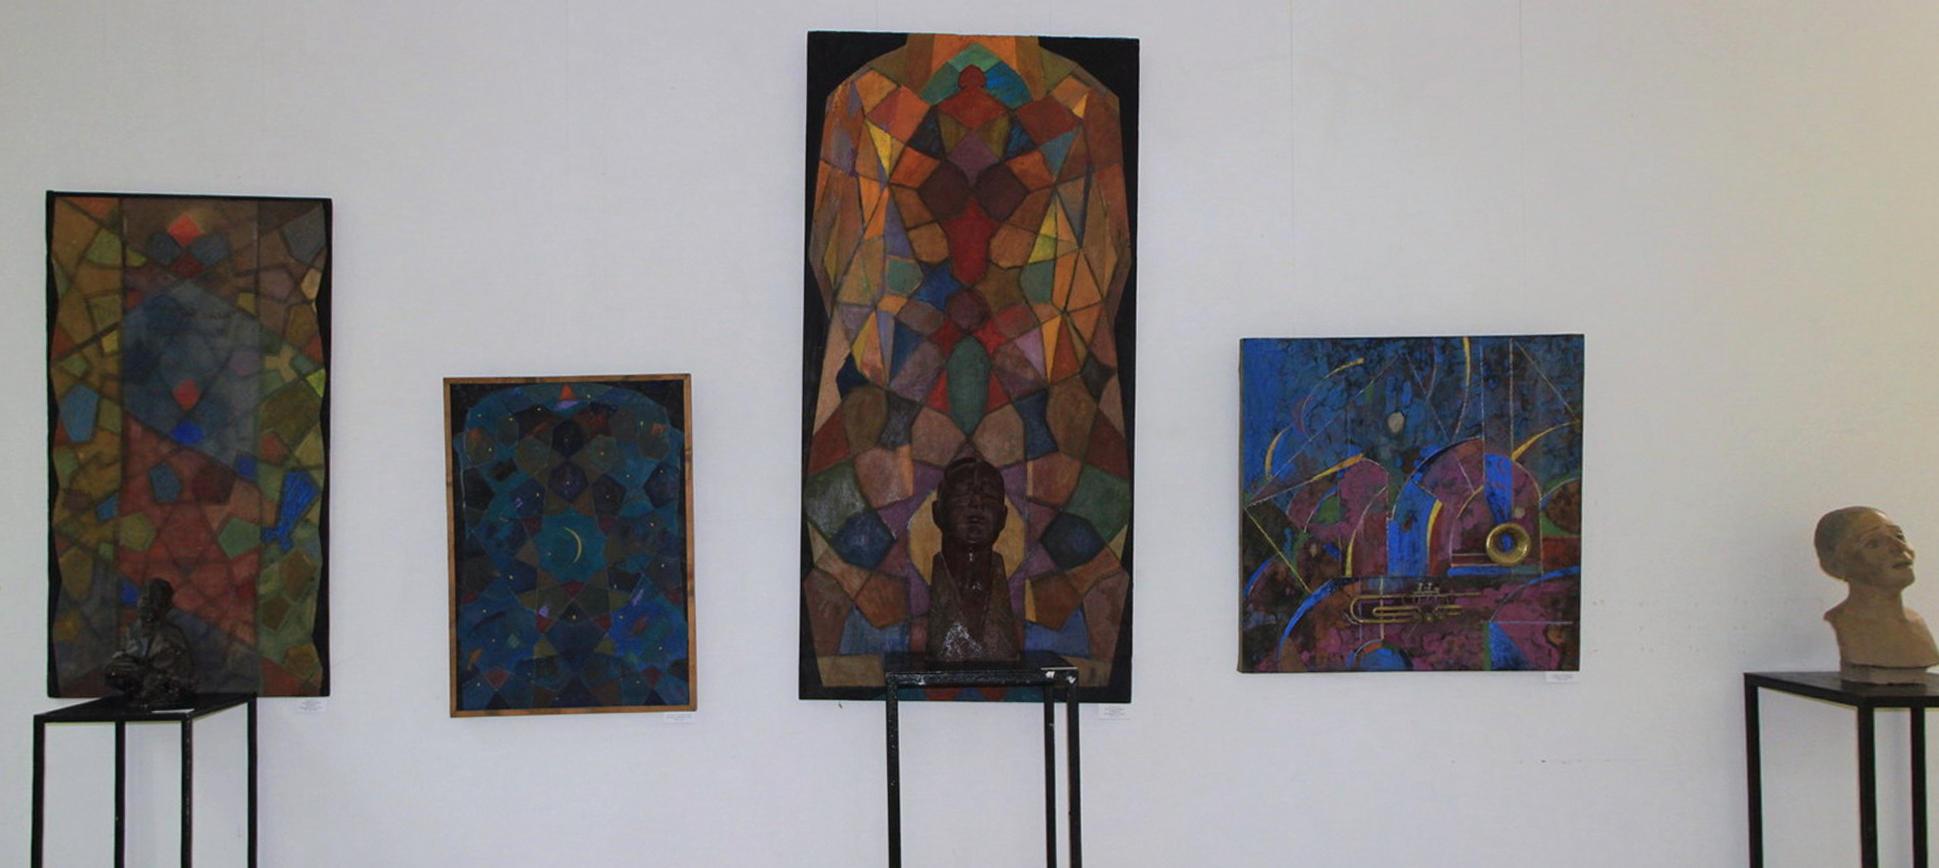 Дамир Рузыбаев. Экспозиция работ.